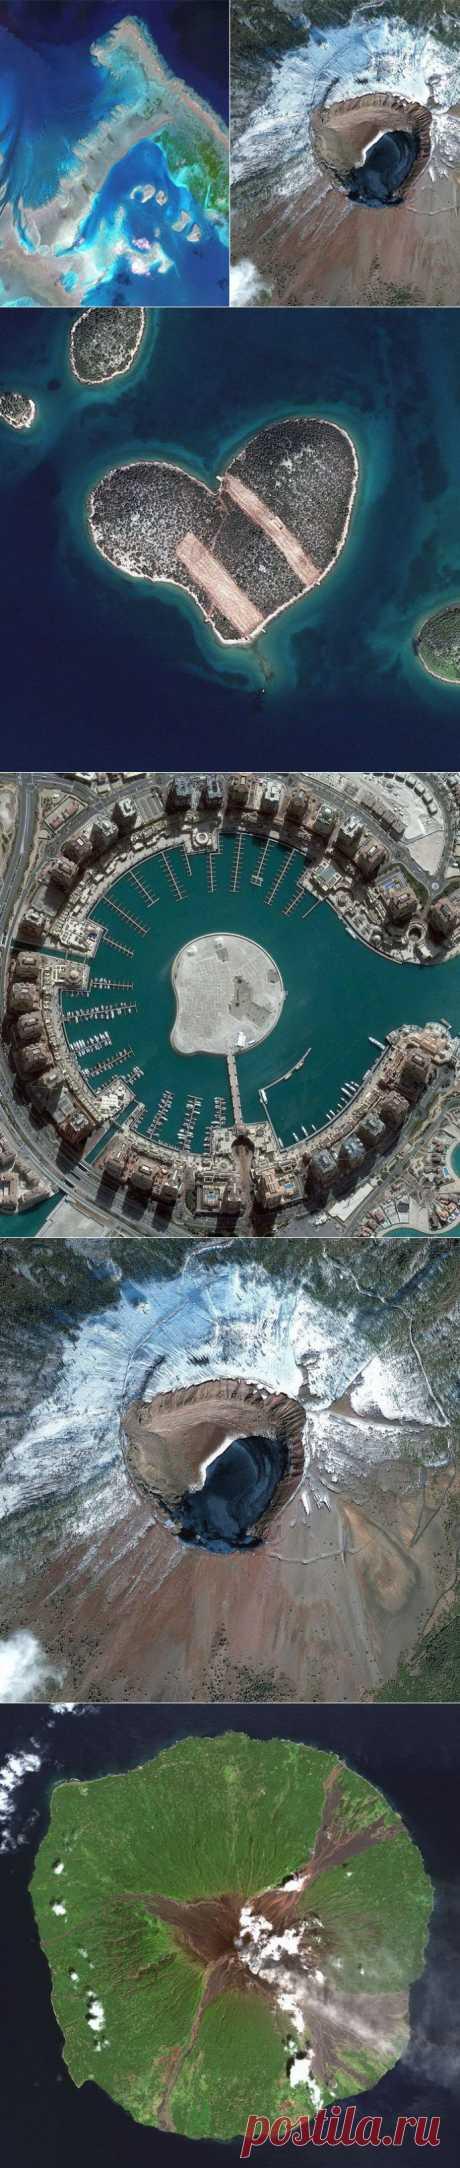 Самые впечатляющие фотографии, сделанные со спутника | Фотография | Фотография